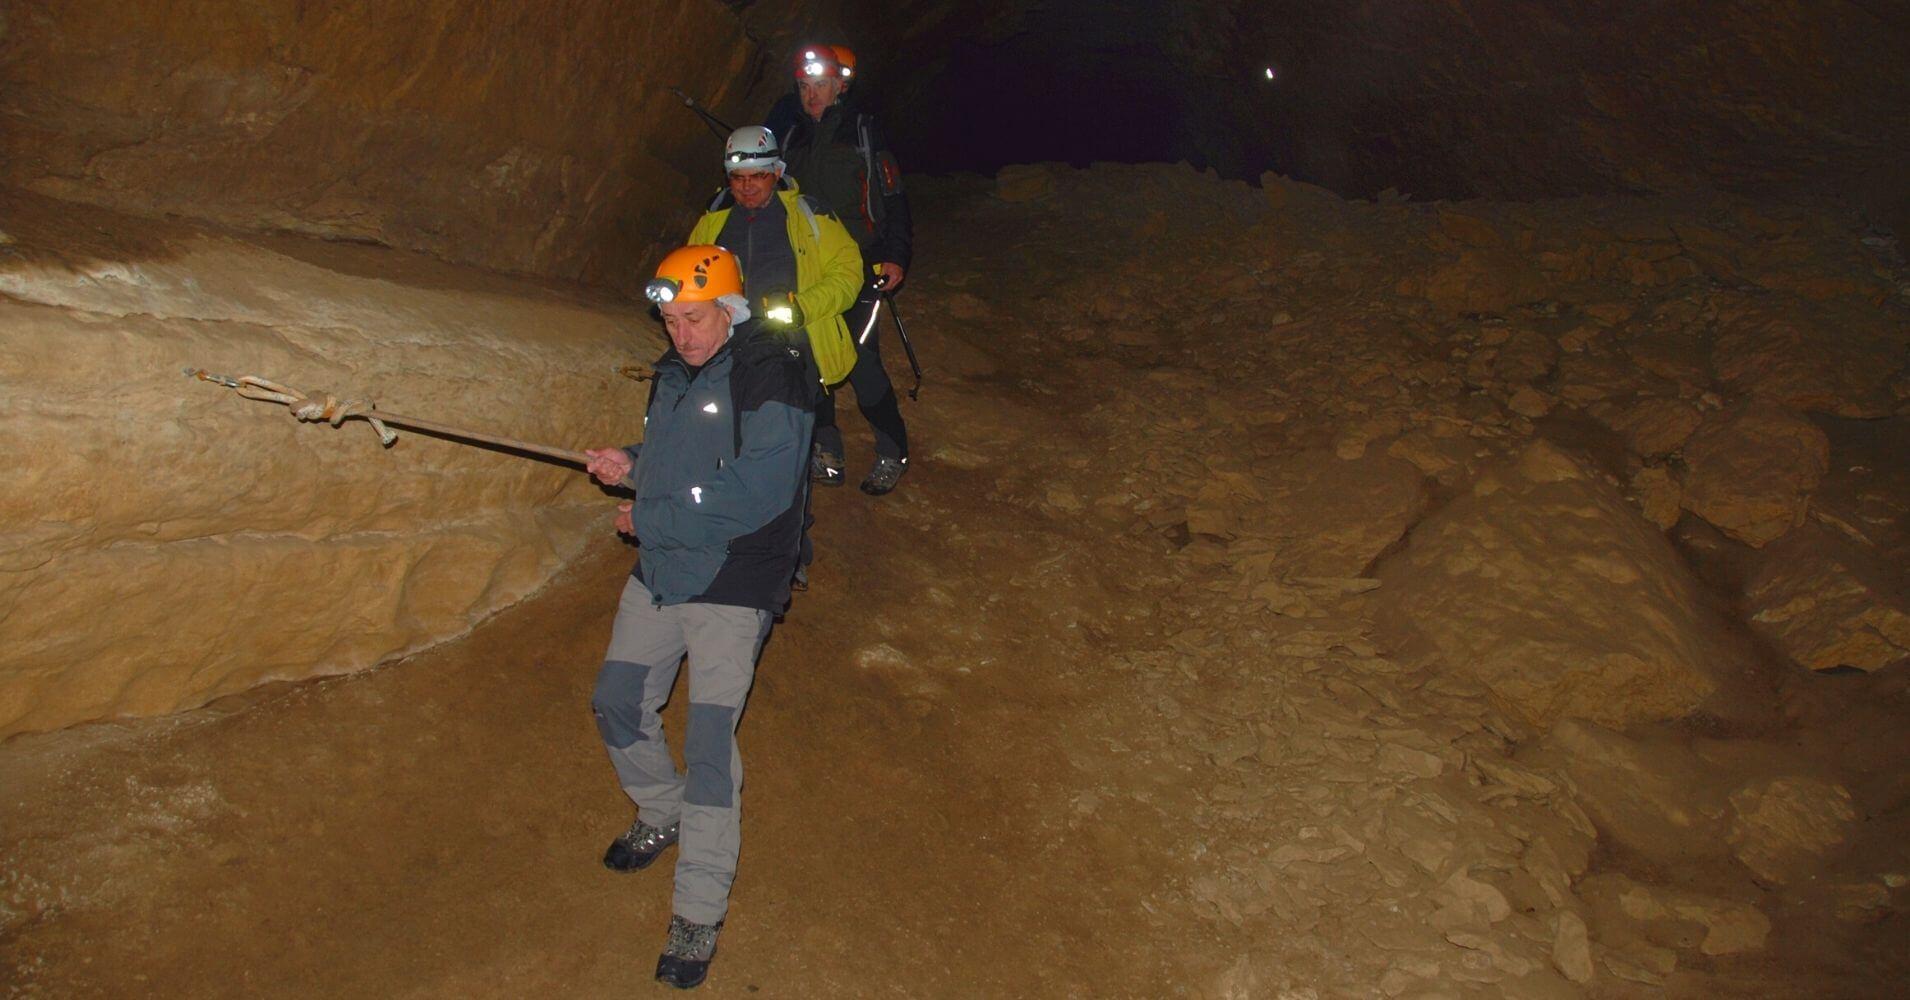 Pasamanos en la Cueva Palomera. Complejo Kárstico de Ojo Guareña. Las Merindades. Burgos, Castilla y León.